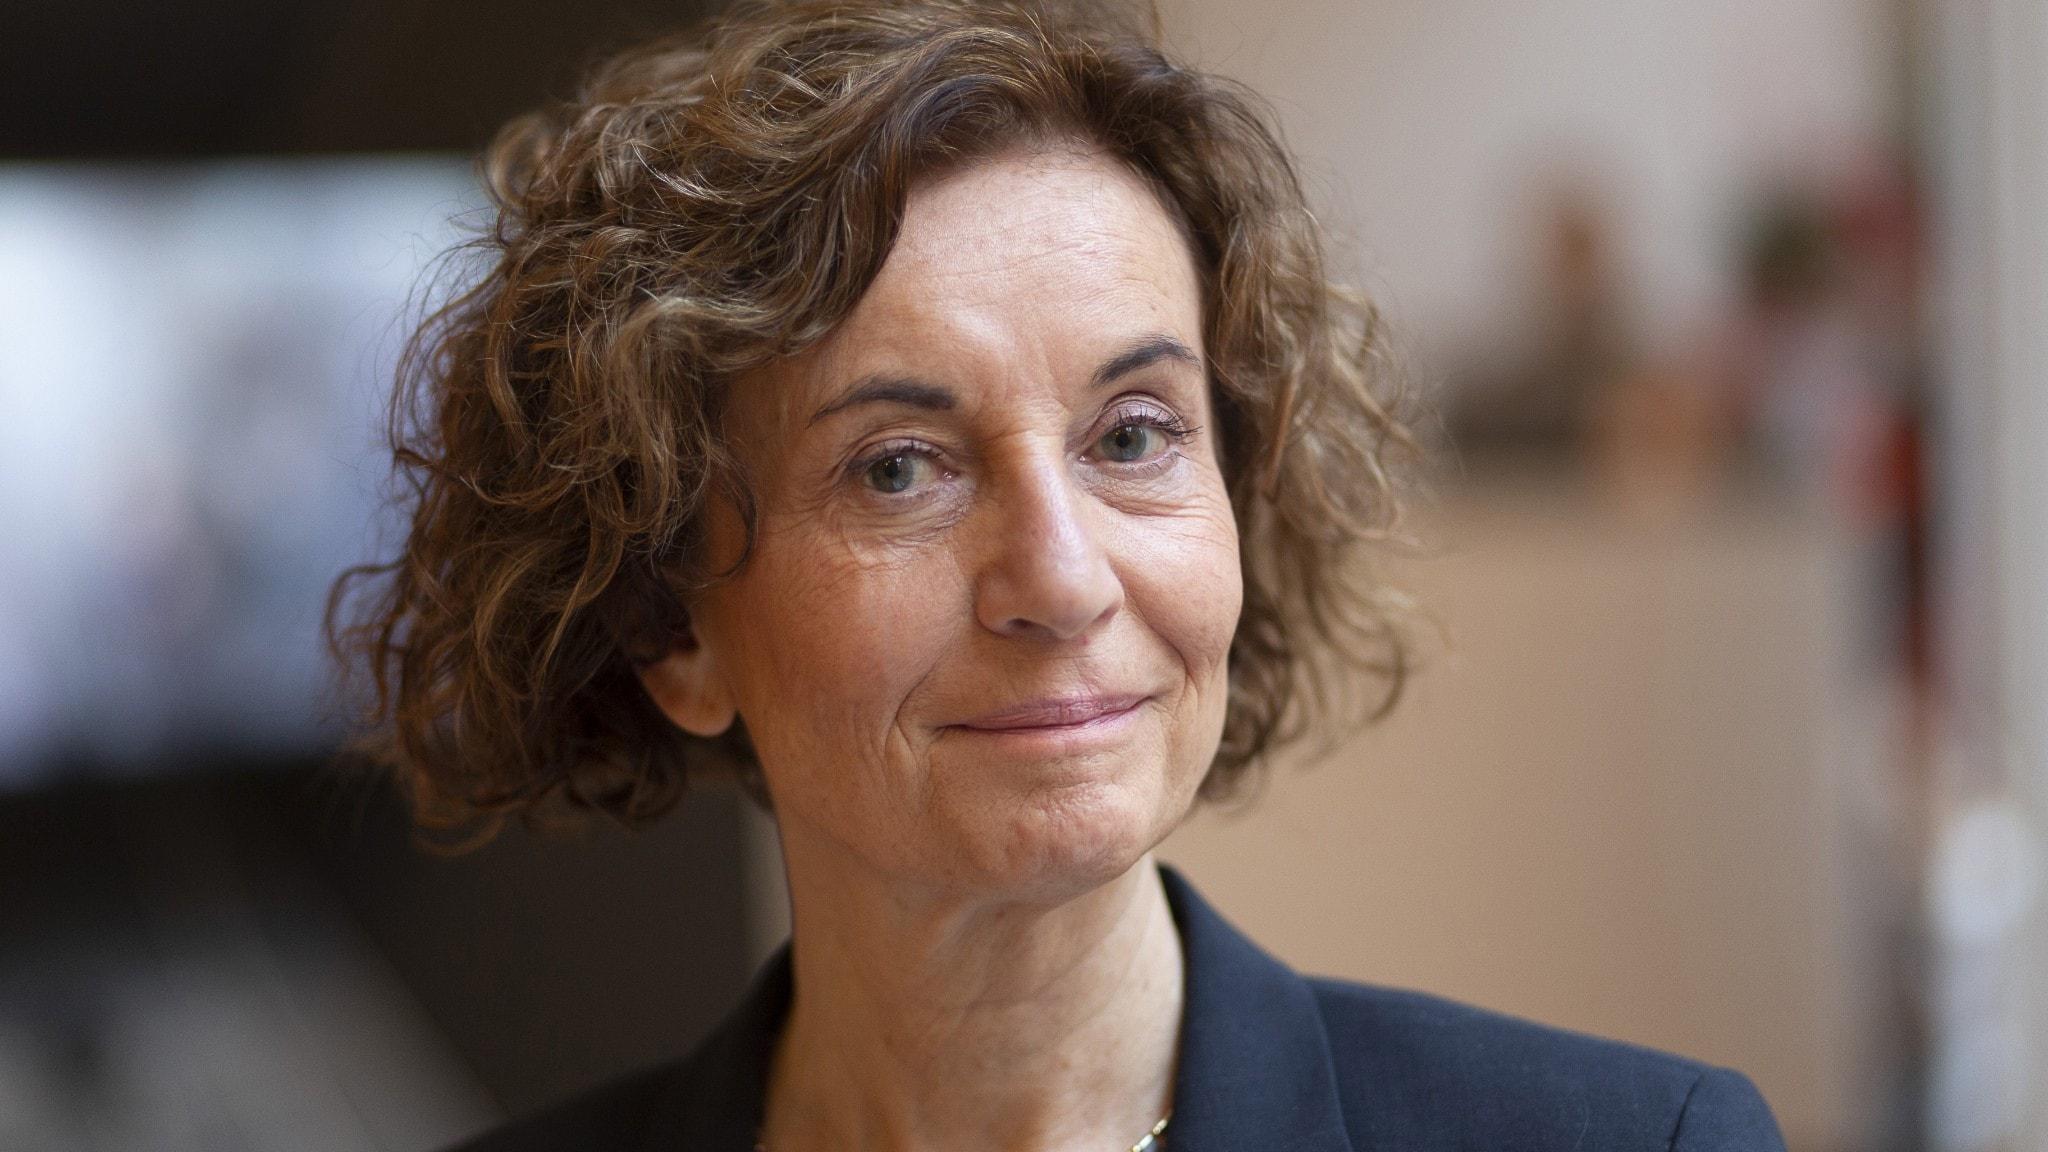 Ingrid Lomfors - Idag tänder jag ljus till minne av Förintelsens offer